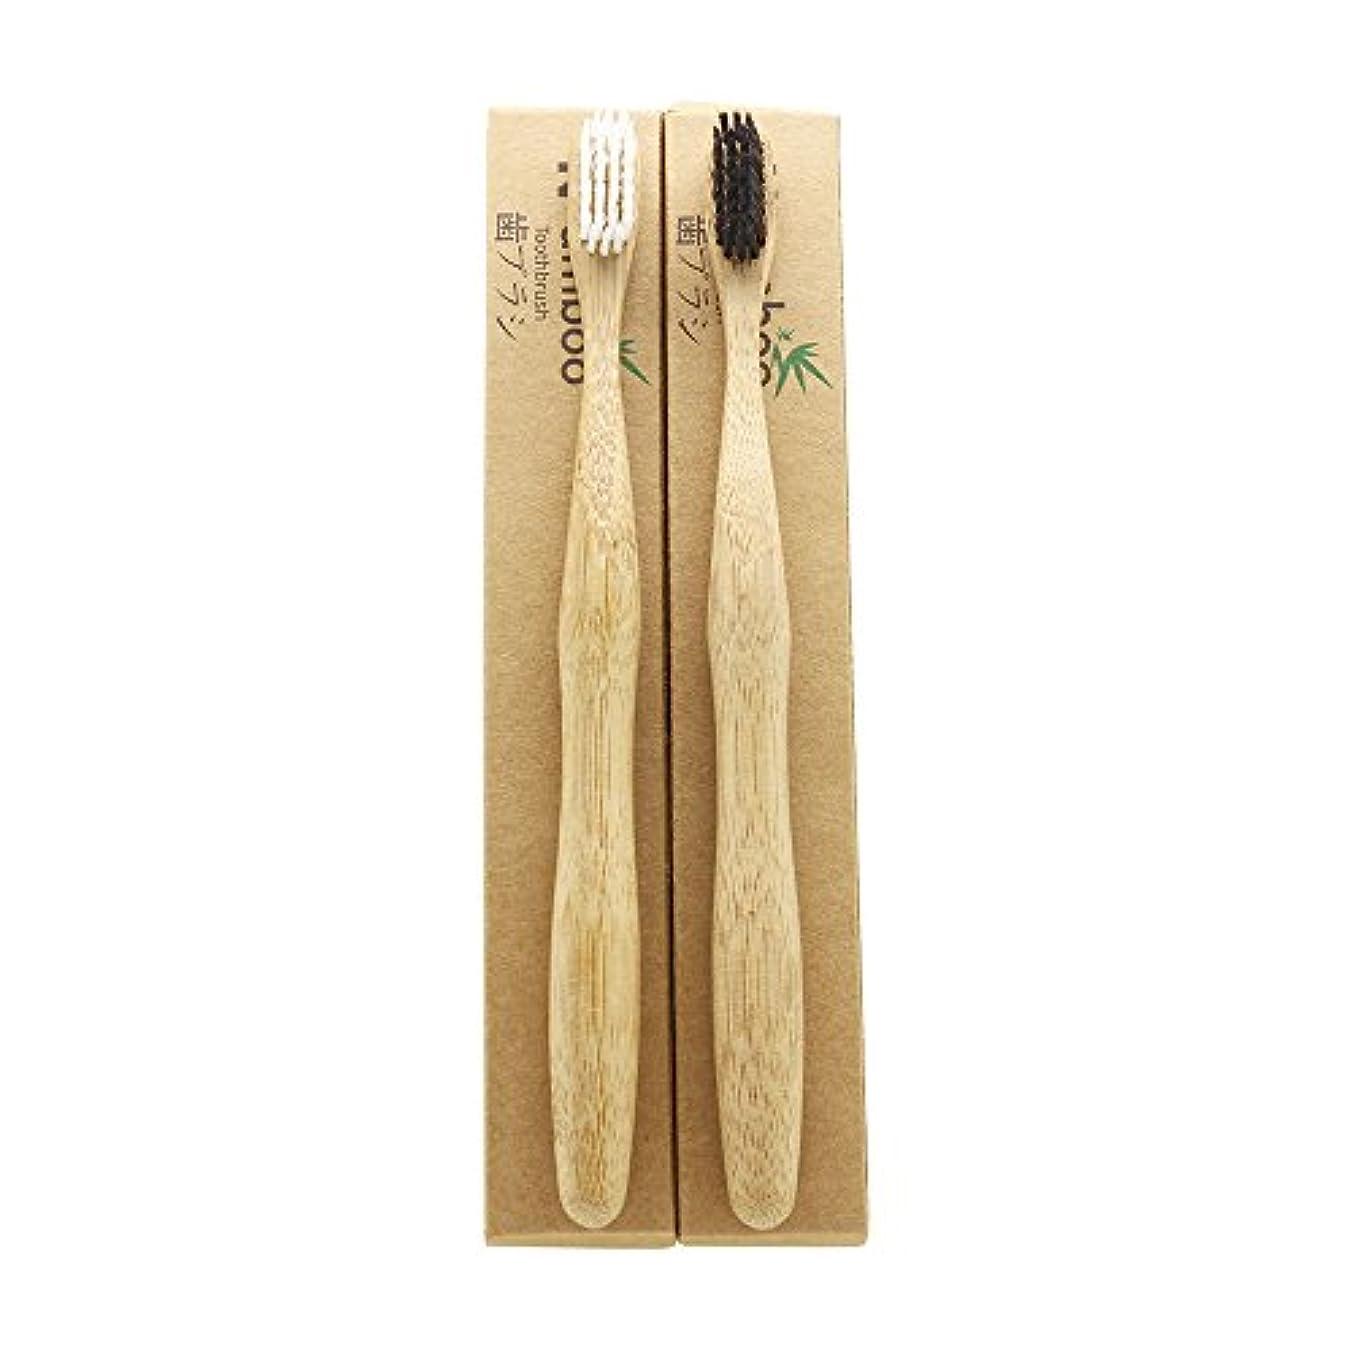 体操見る酸っぱいN-amboo 竹製 歯ブラシ 高耐久性 白と黒 セット エコ (2本)